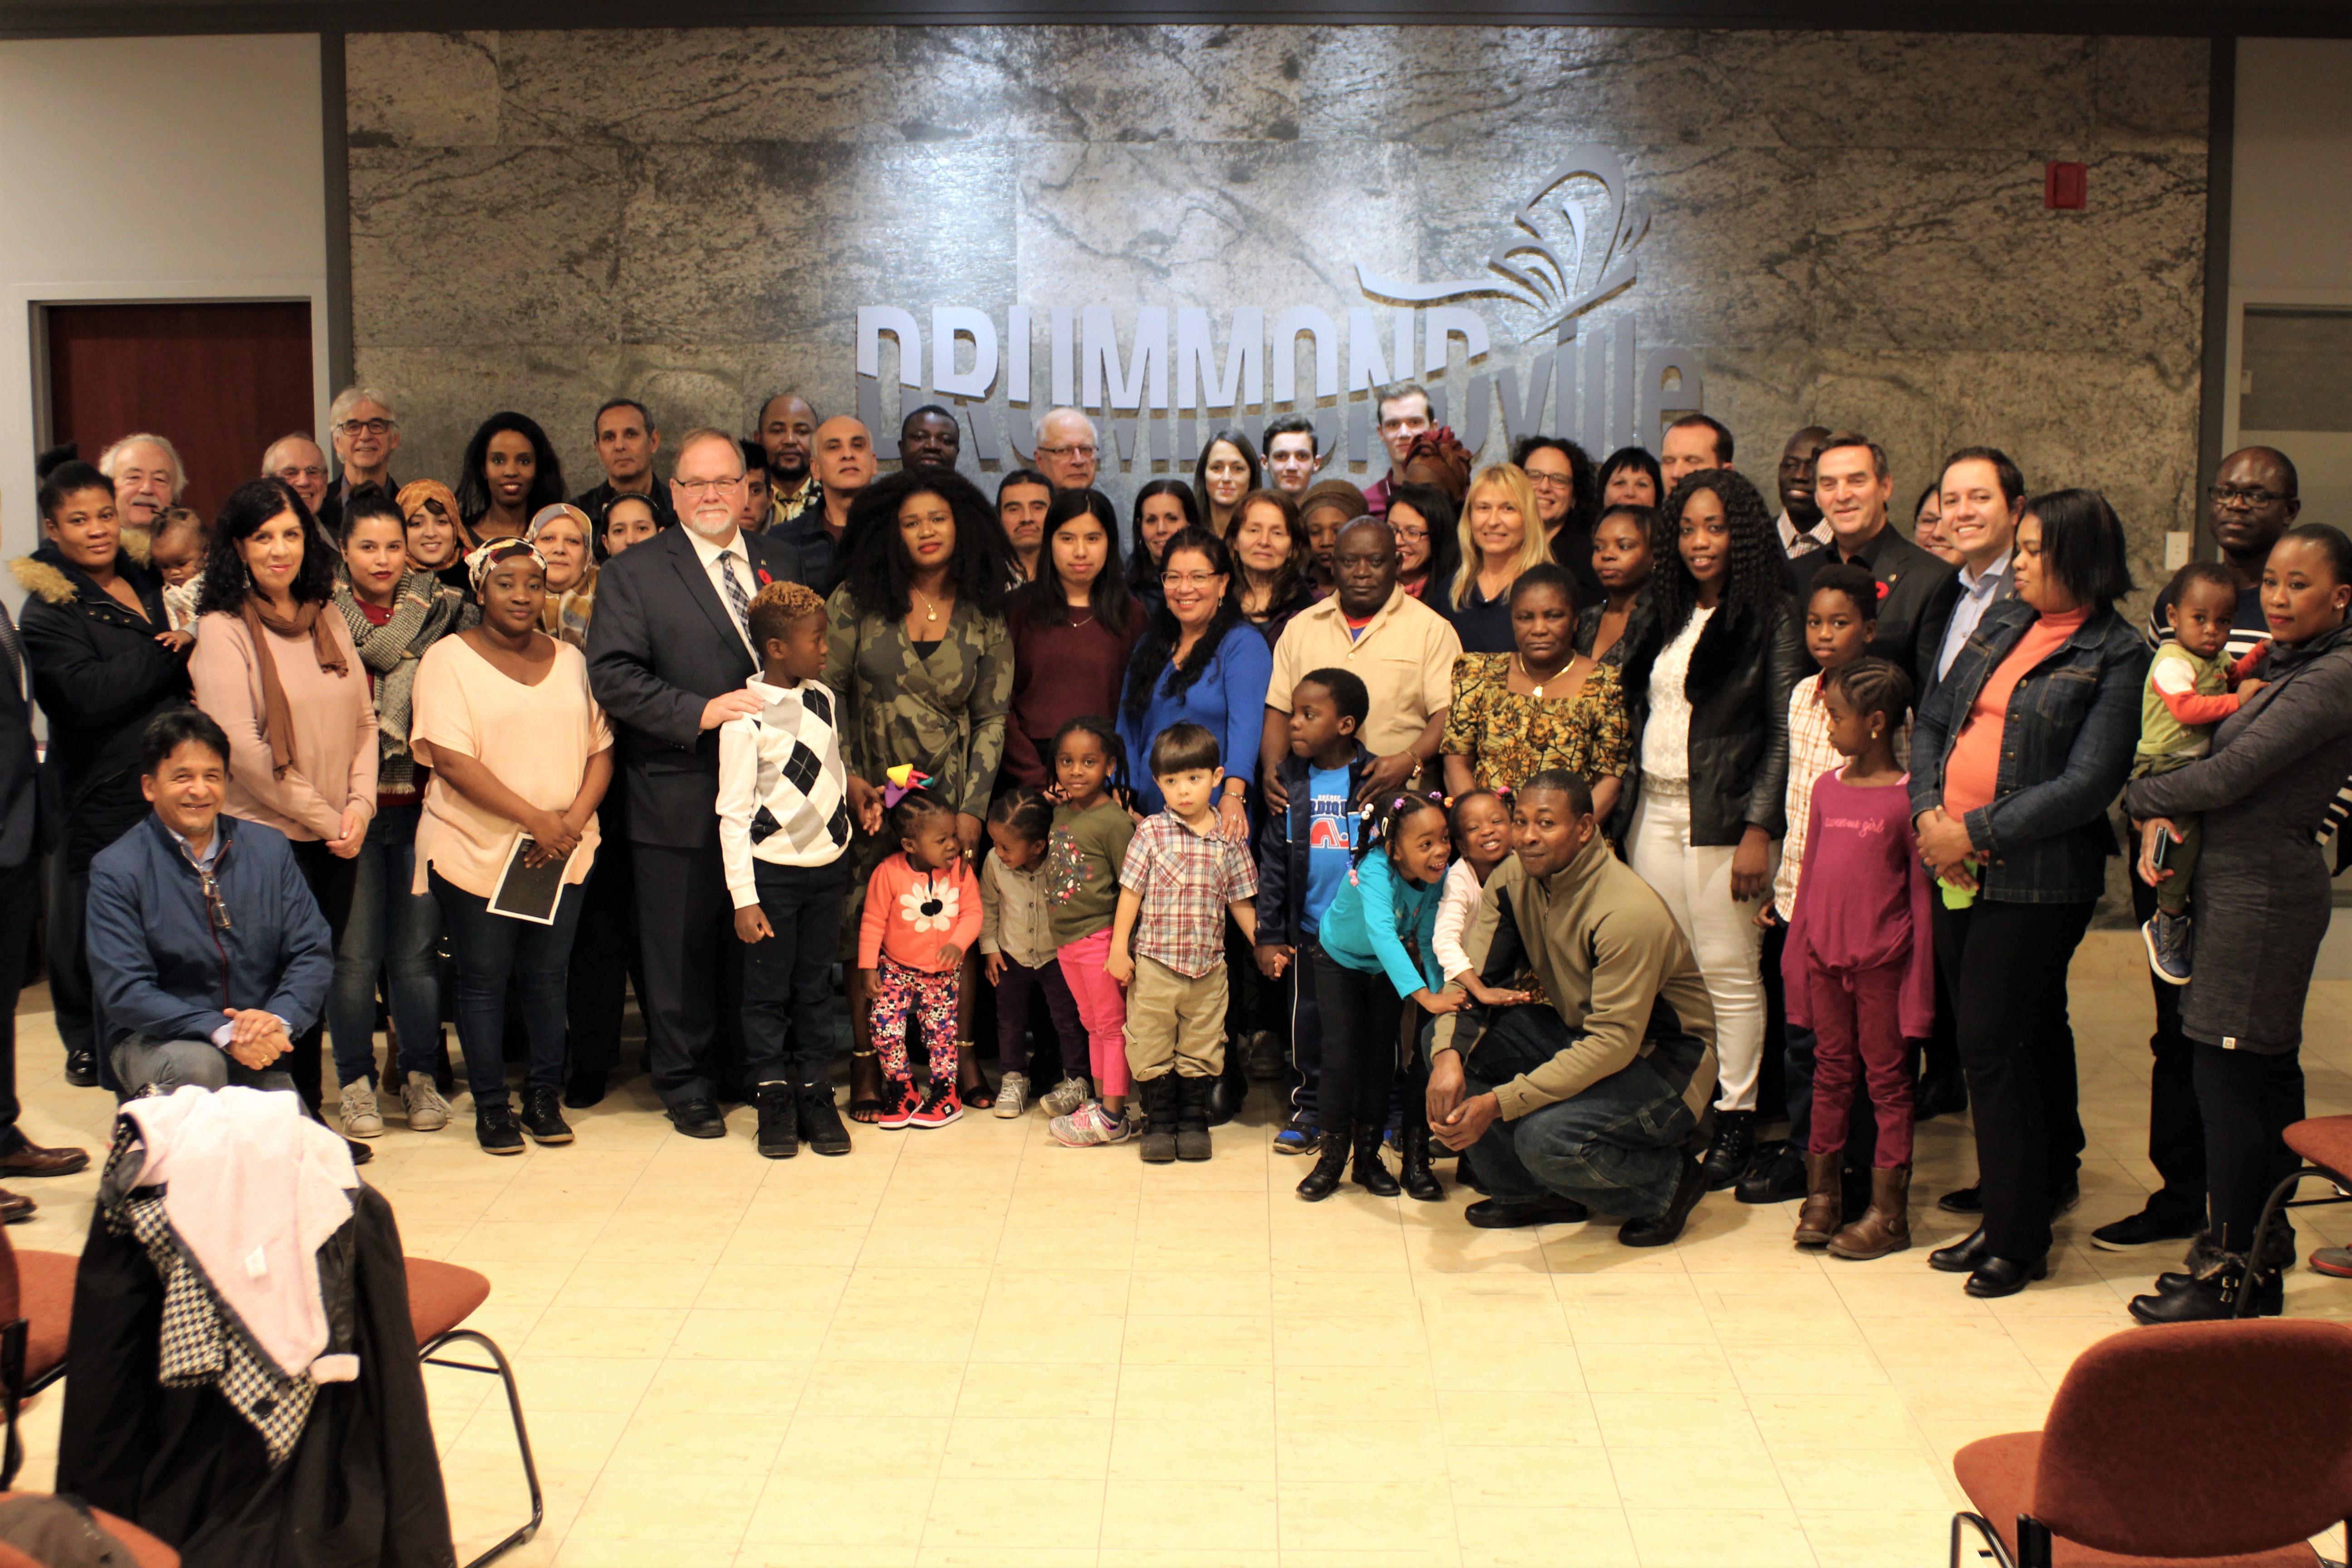 Drummondville a accueilli chaleureusement les nouveaux arrivants